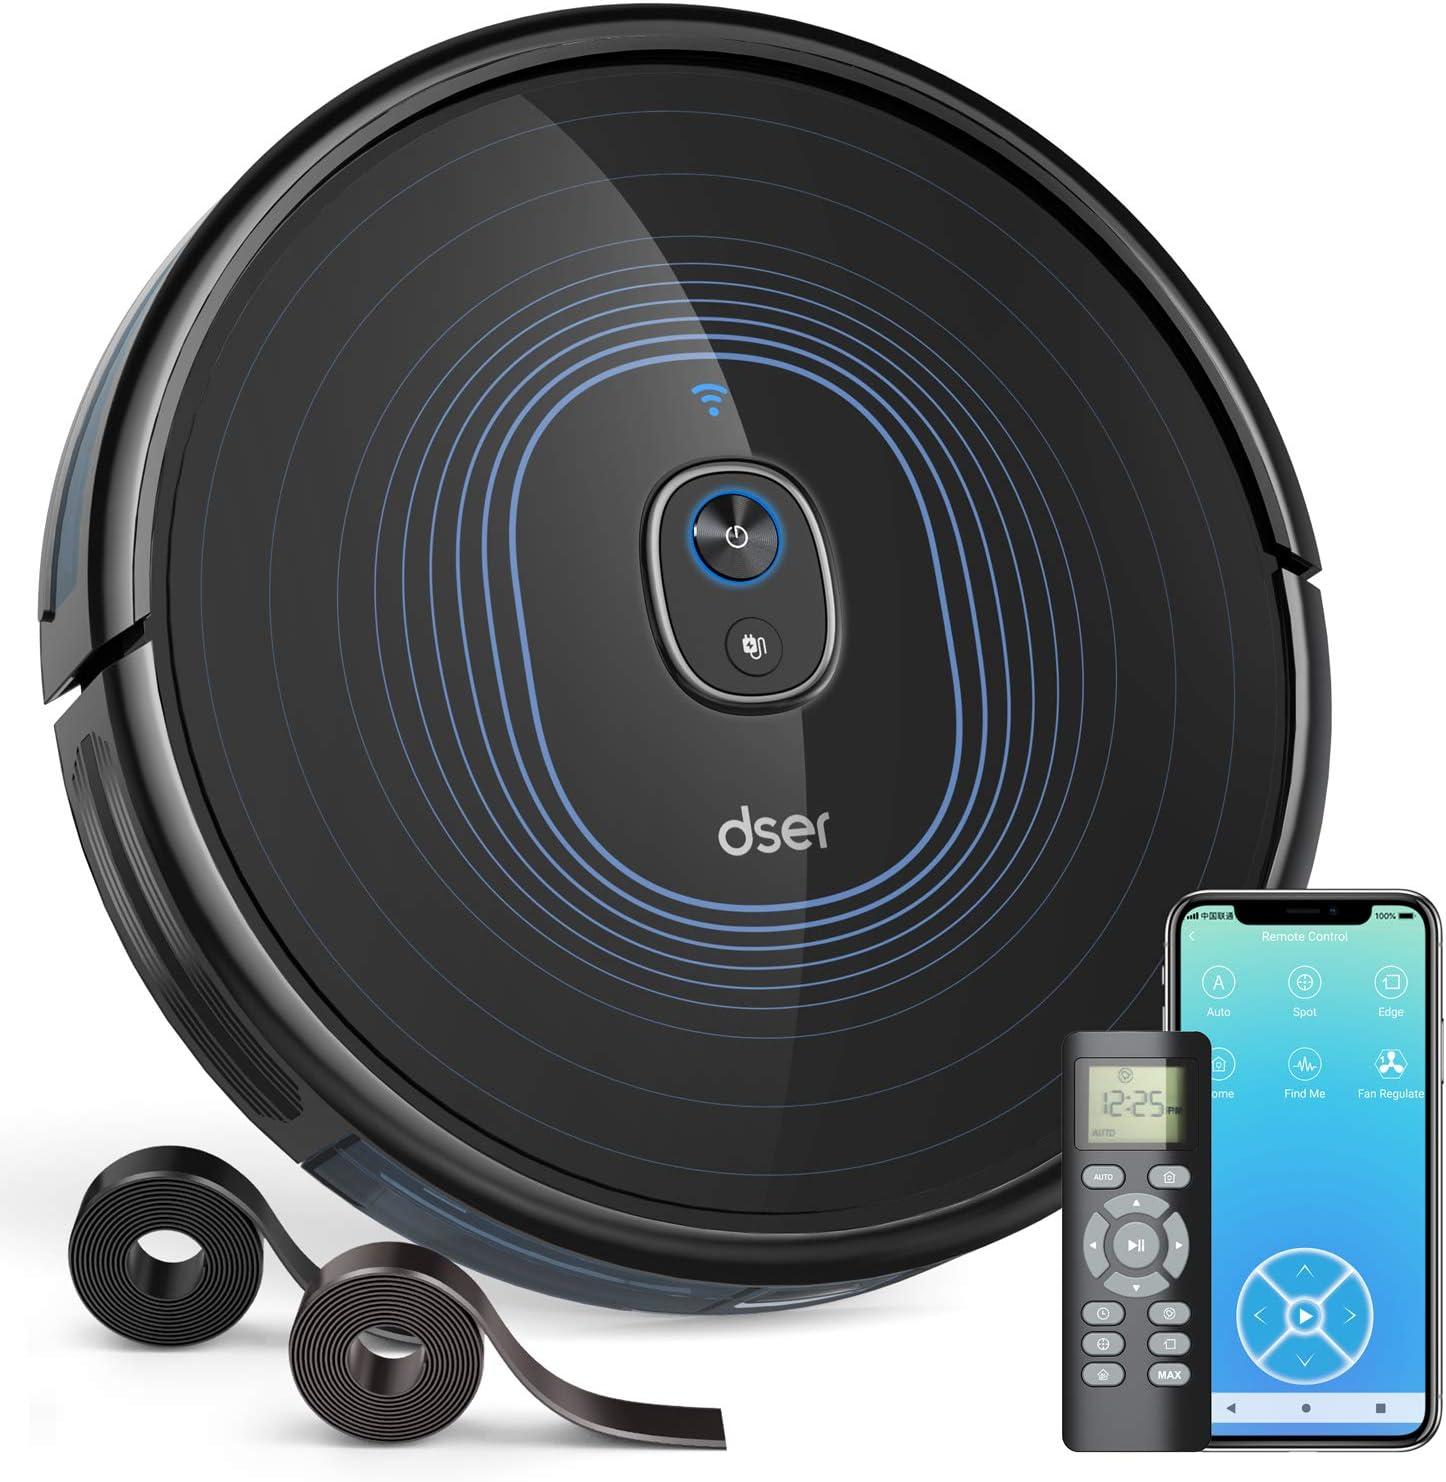 Dser Aspiradora robótica, 23T 2200 Pa, conexión Wi-Fi, 2 Bandas delimitadores, autocarga, múltiples Modos de Limpieza Aspiradora para alfombras de Piso Duro y Pelo de Mascotas, Funciona con Alexa